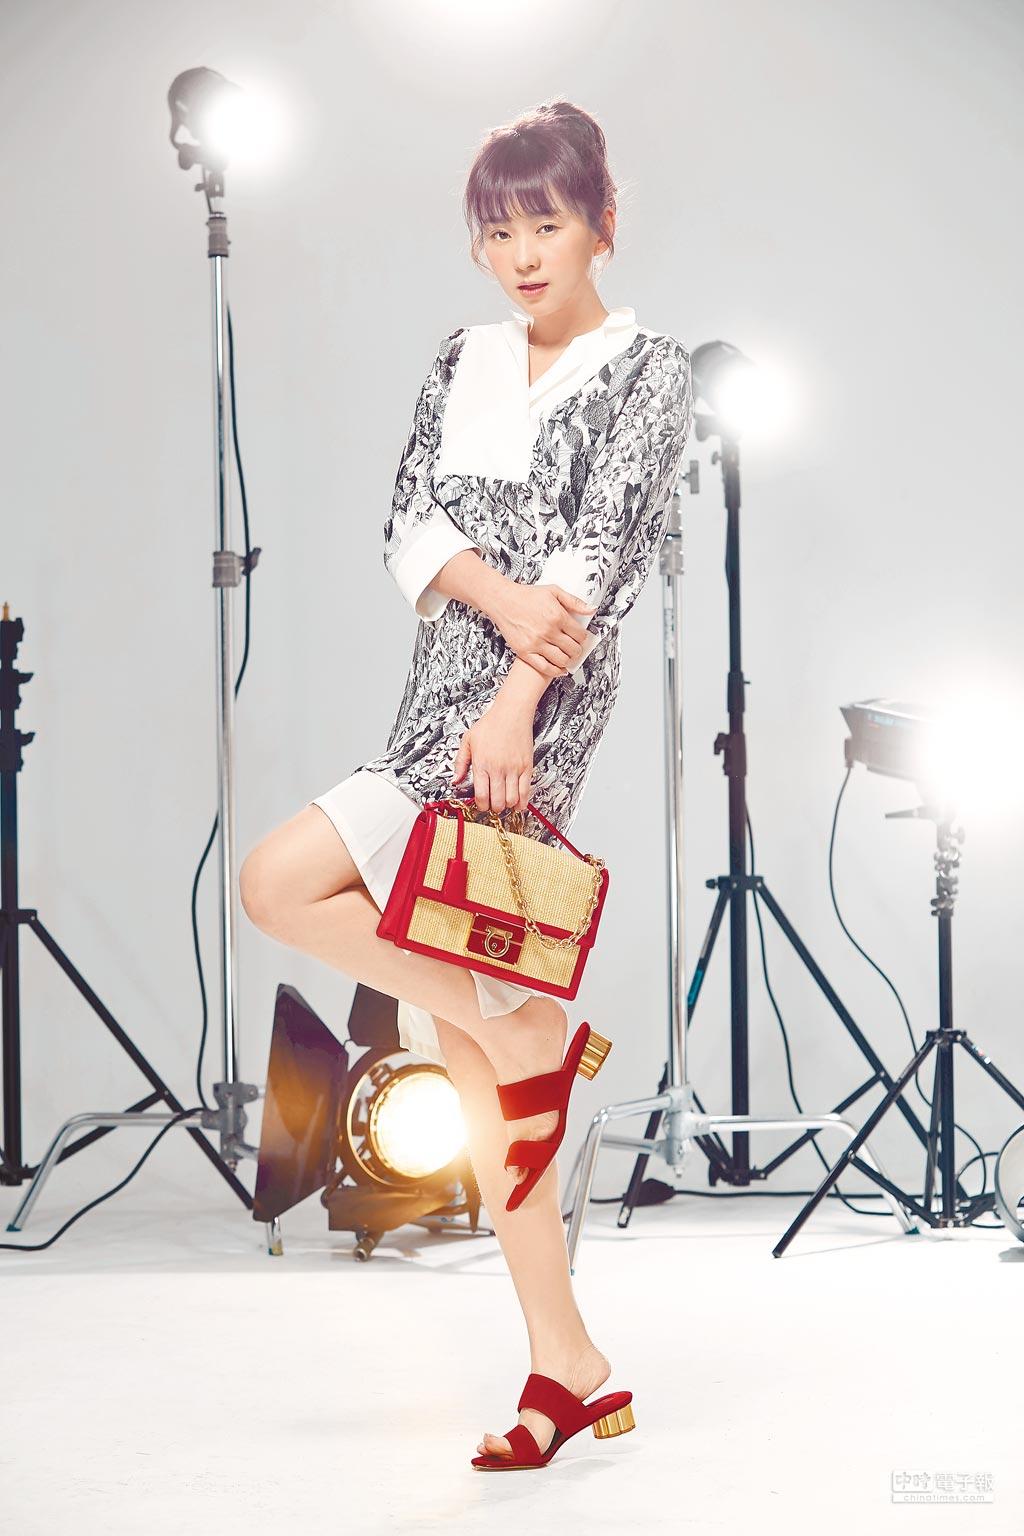 六月蔡君茹穿起Ferragamo Orange Fiber綠色環保精粹系列洋裝5萬4900元、Lock Story系列米色鍊帶包5萬8900元、BELLUNO紅色麂皮花漾跟涼鞋2萬1900元。(JOJ PHOTO攝)